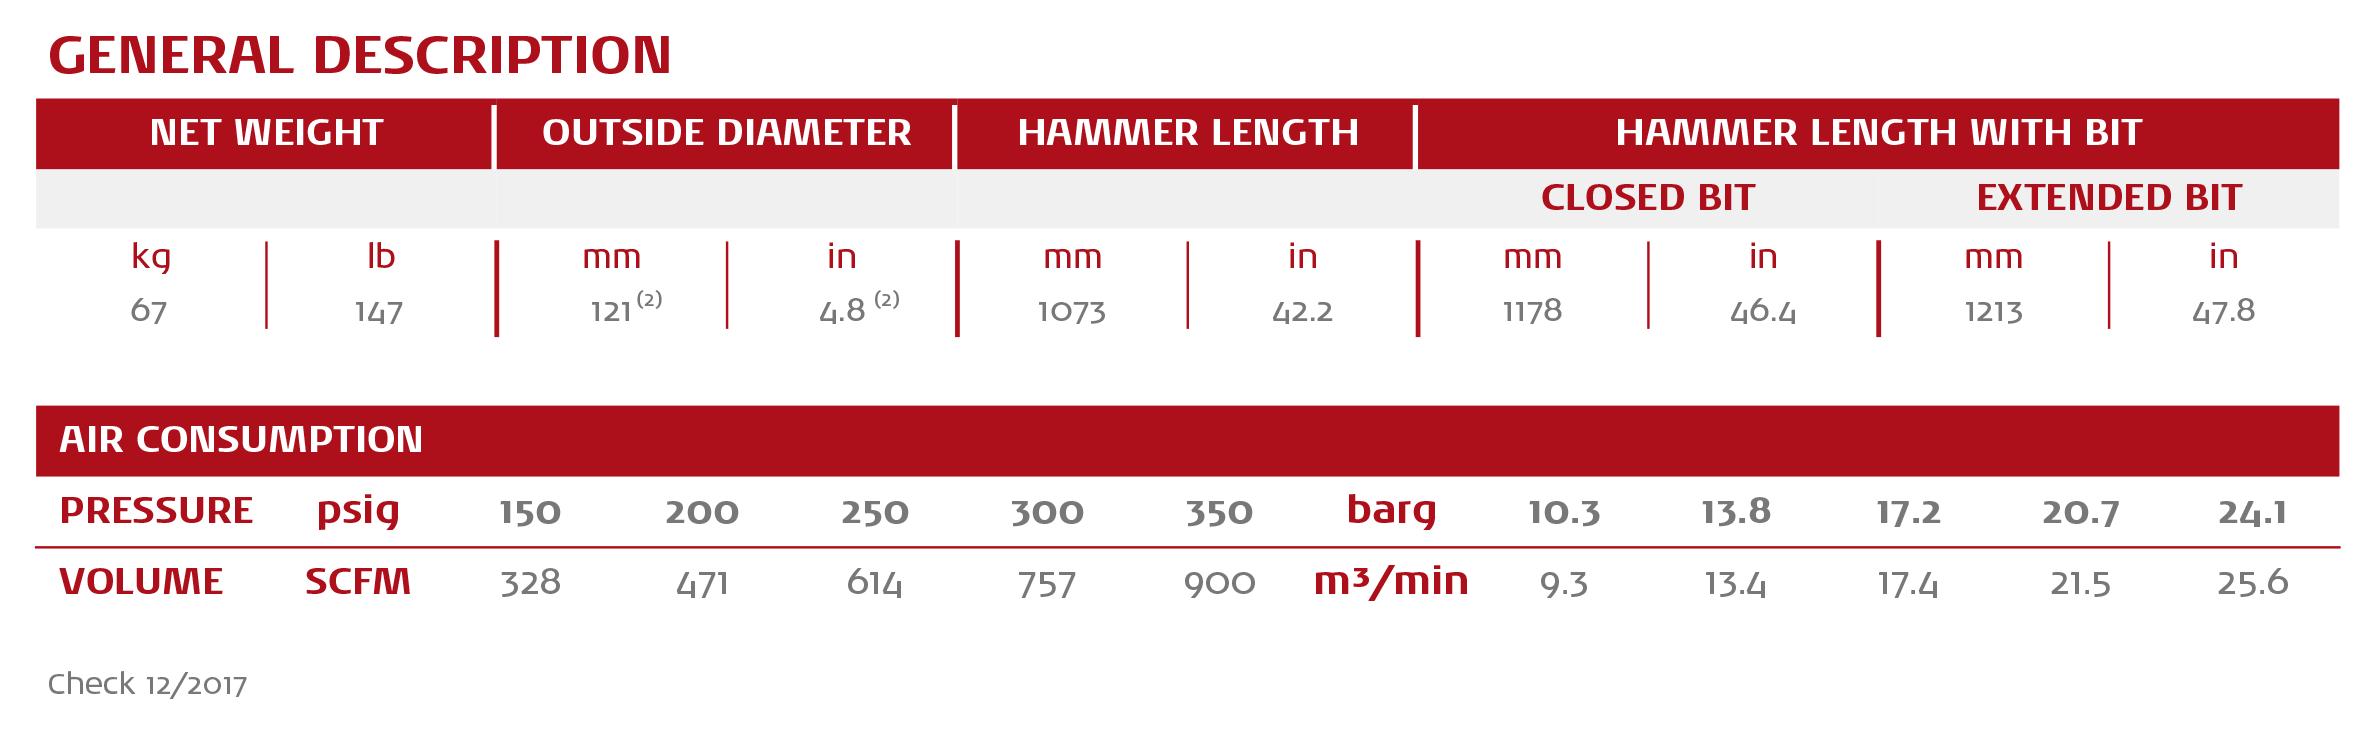 Puma M5.2EX HV HDWR 3 BECO General Description